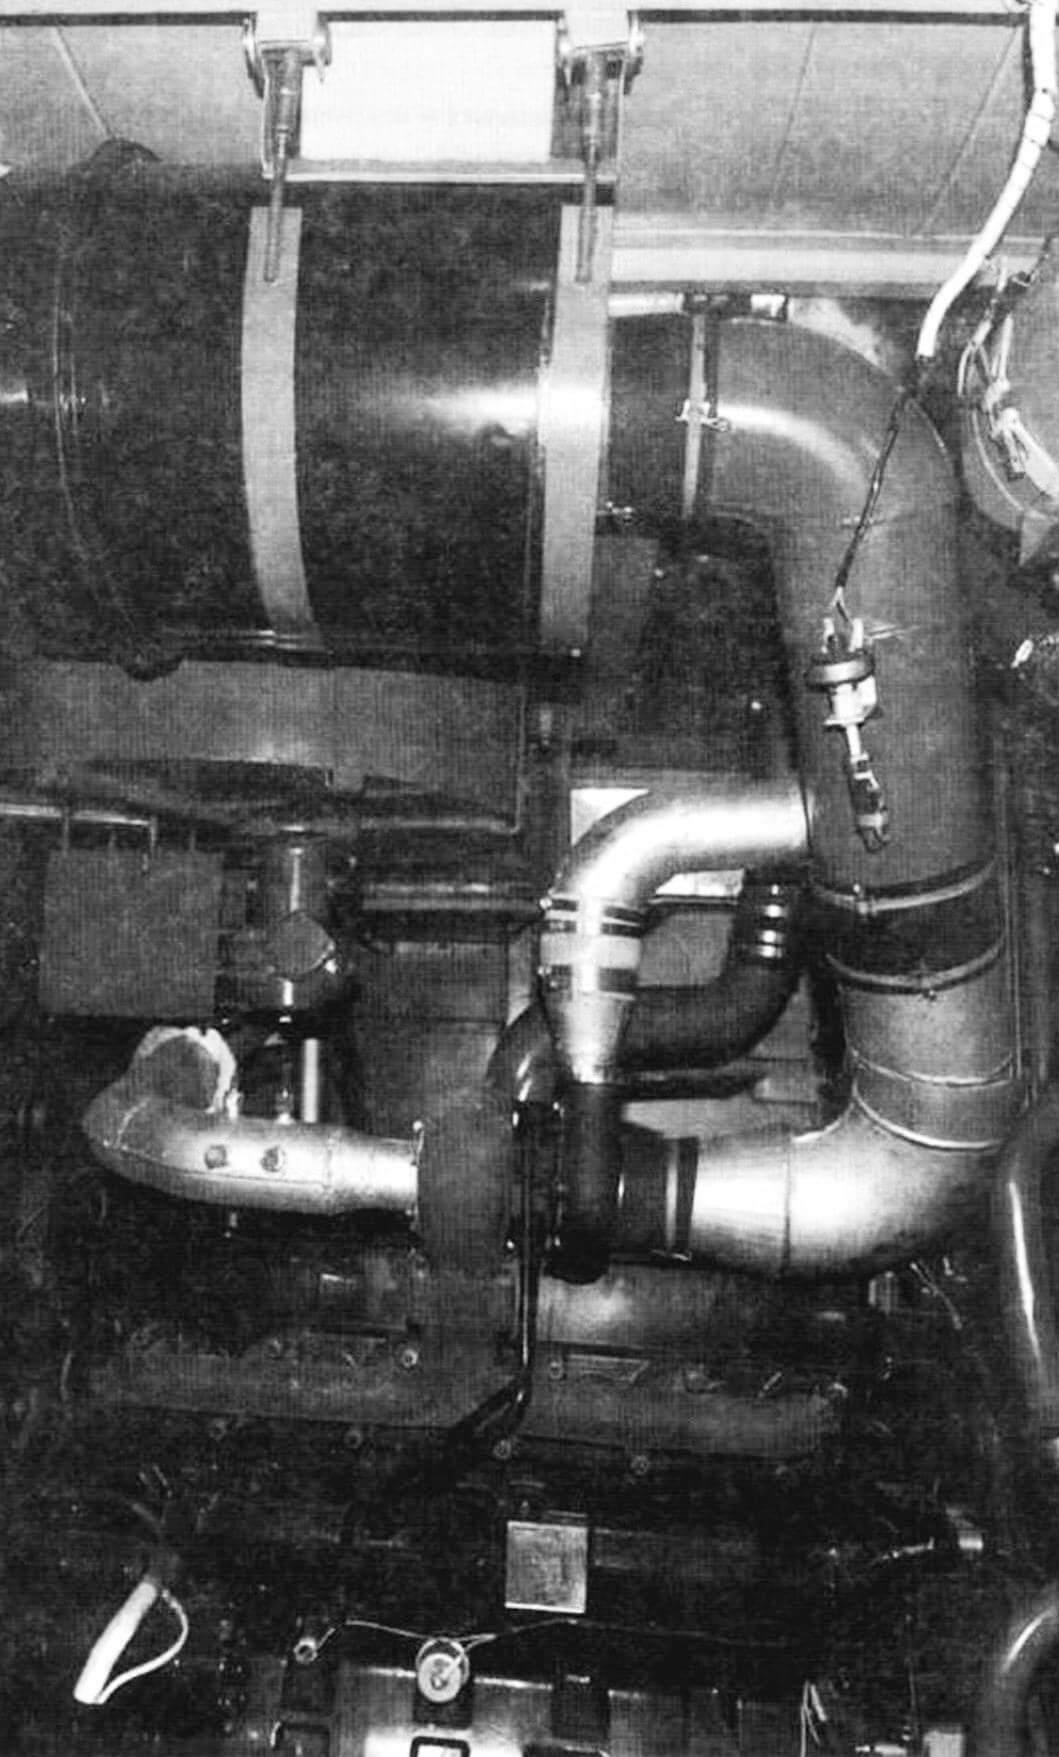 Вид на моторный отсек с правого борта. Здесь же размещены система охлаждения, климатическая установка и топливные баки. Моторный отсек с левой стороны. Он оборудован освещением и отапливается, что позволяет проводить обслуживание или ремонт двигательной установки в условиях минусовых температур